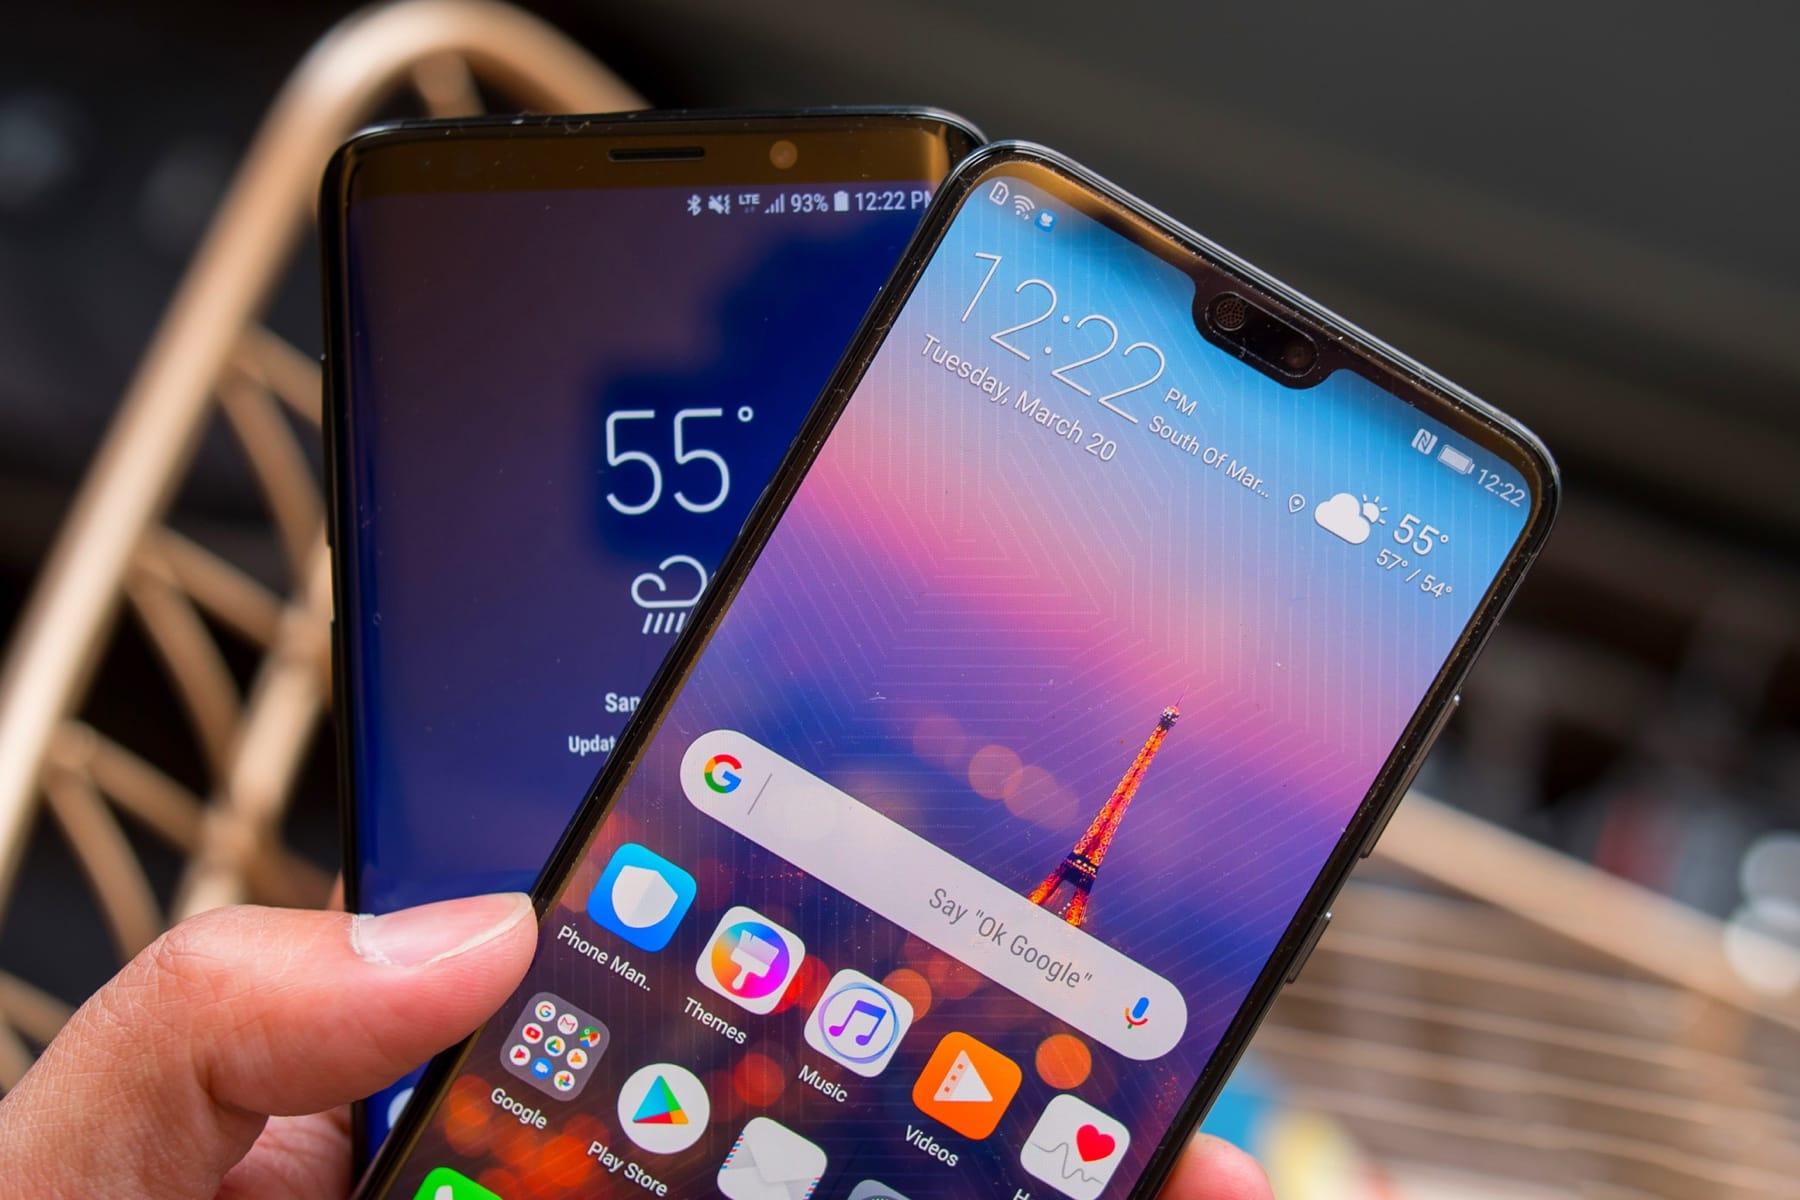 Роскачество назвало лучшие смартфоны на российском рынке мобильные телефоны,Россия,смартфоны,телефоны